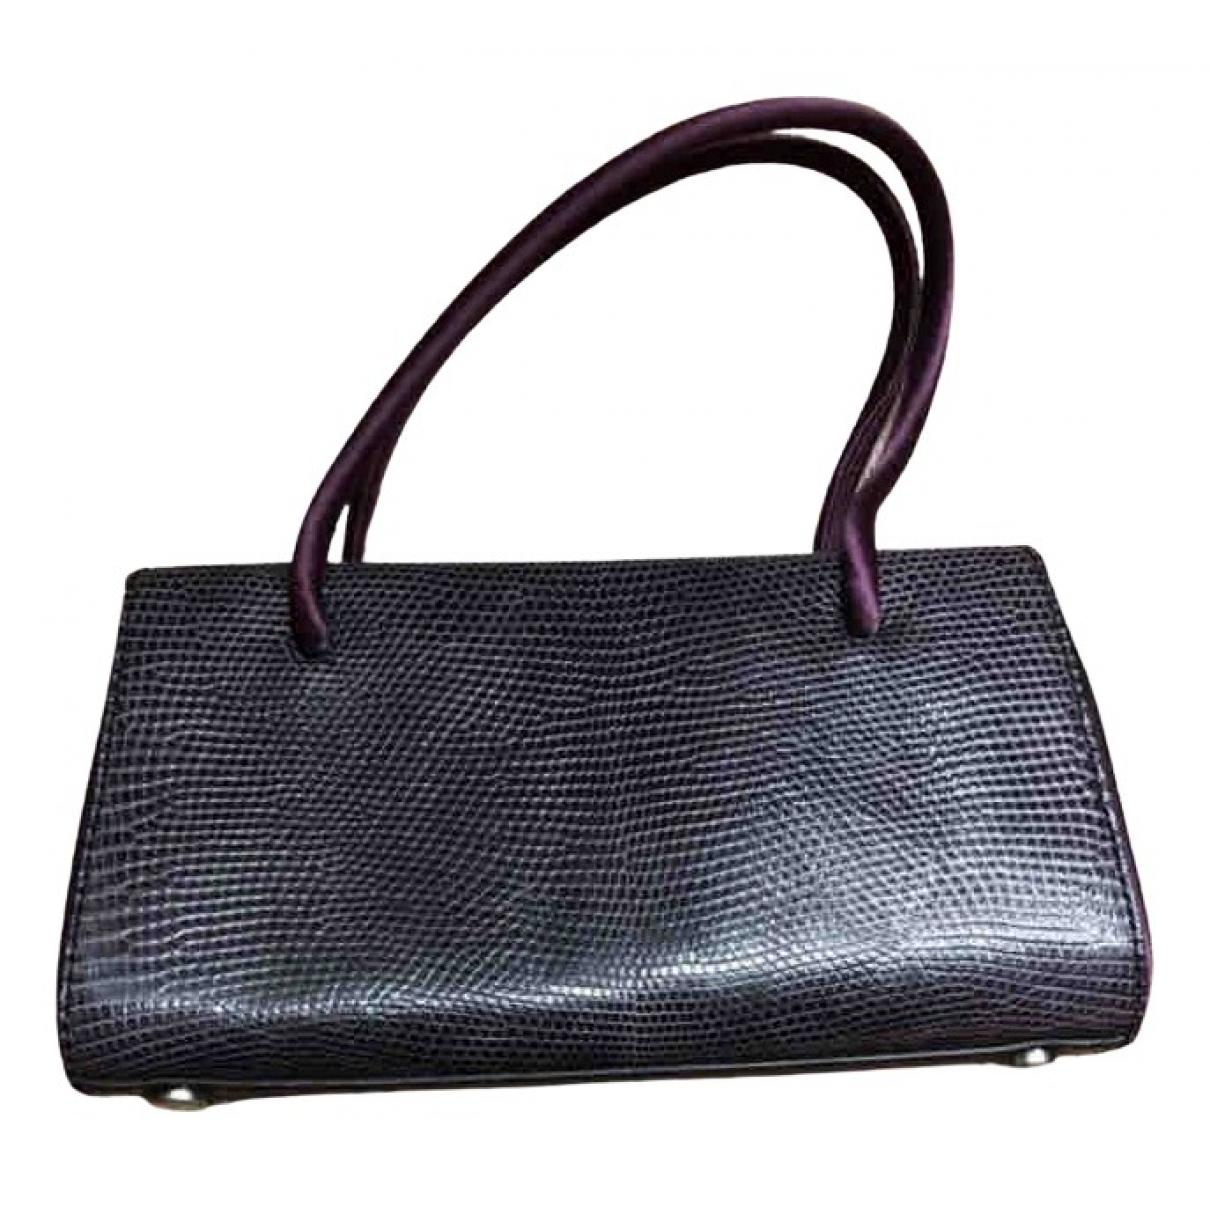 Jil Sander - Sac a main   pour femme en cuir exotique - violet